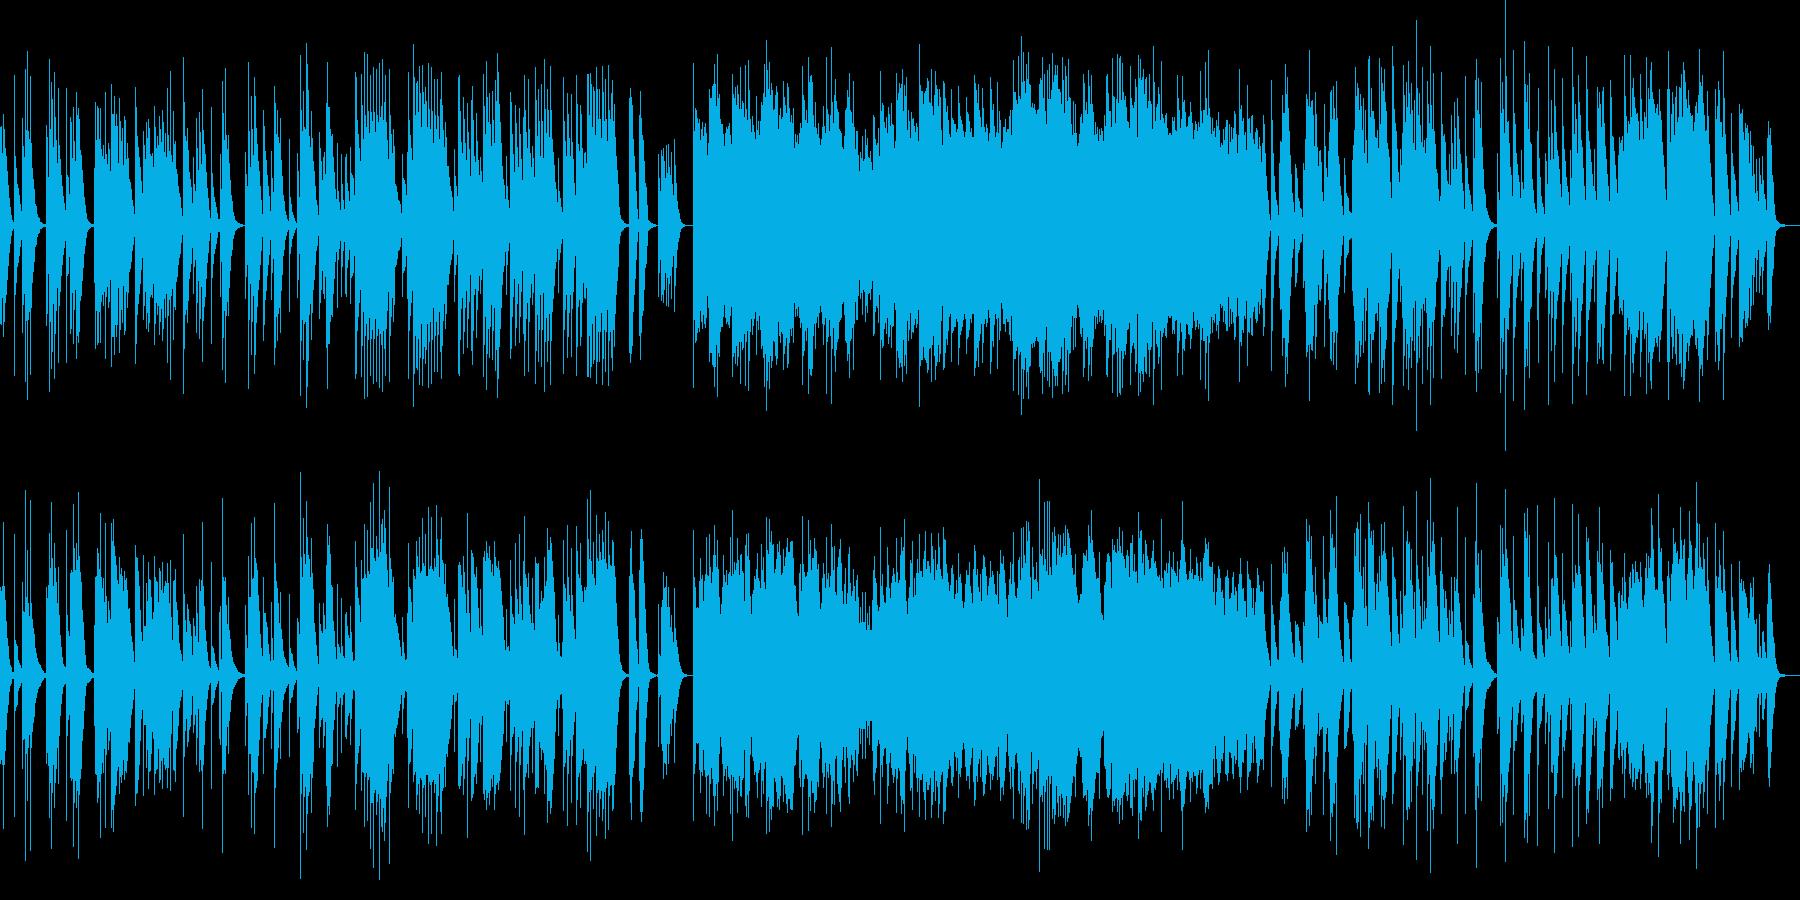 ベルガマスク組曲 月の光 オルゴールの再生済みの波形